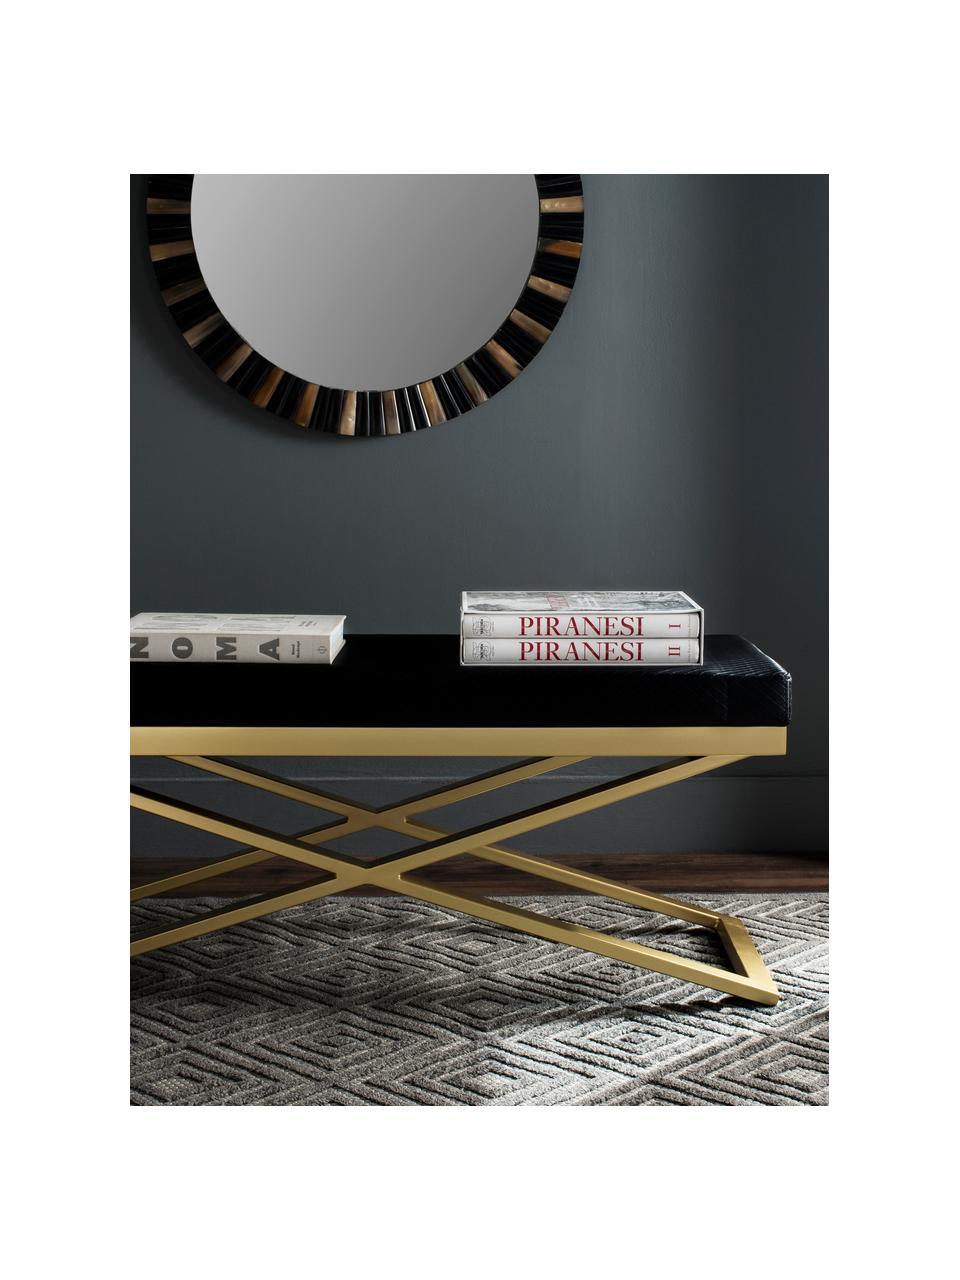 Banc cuir synthétique Susan, Noir, couleur dorée